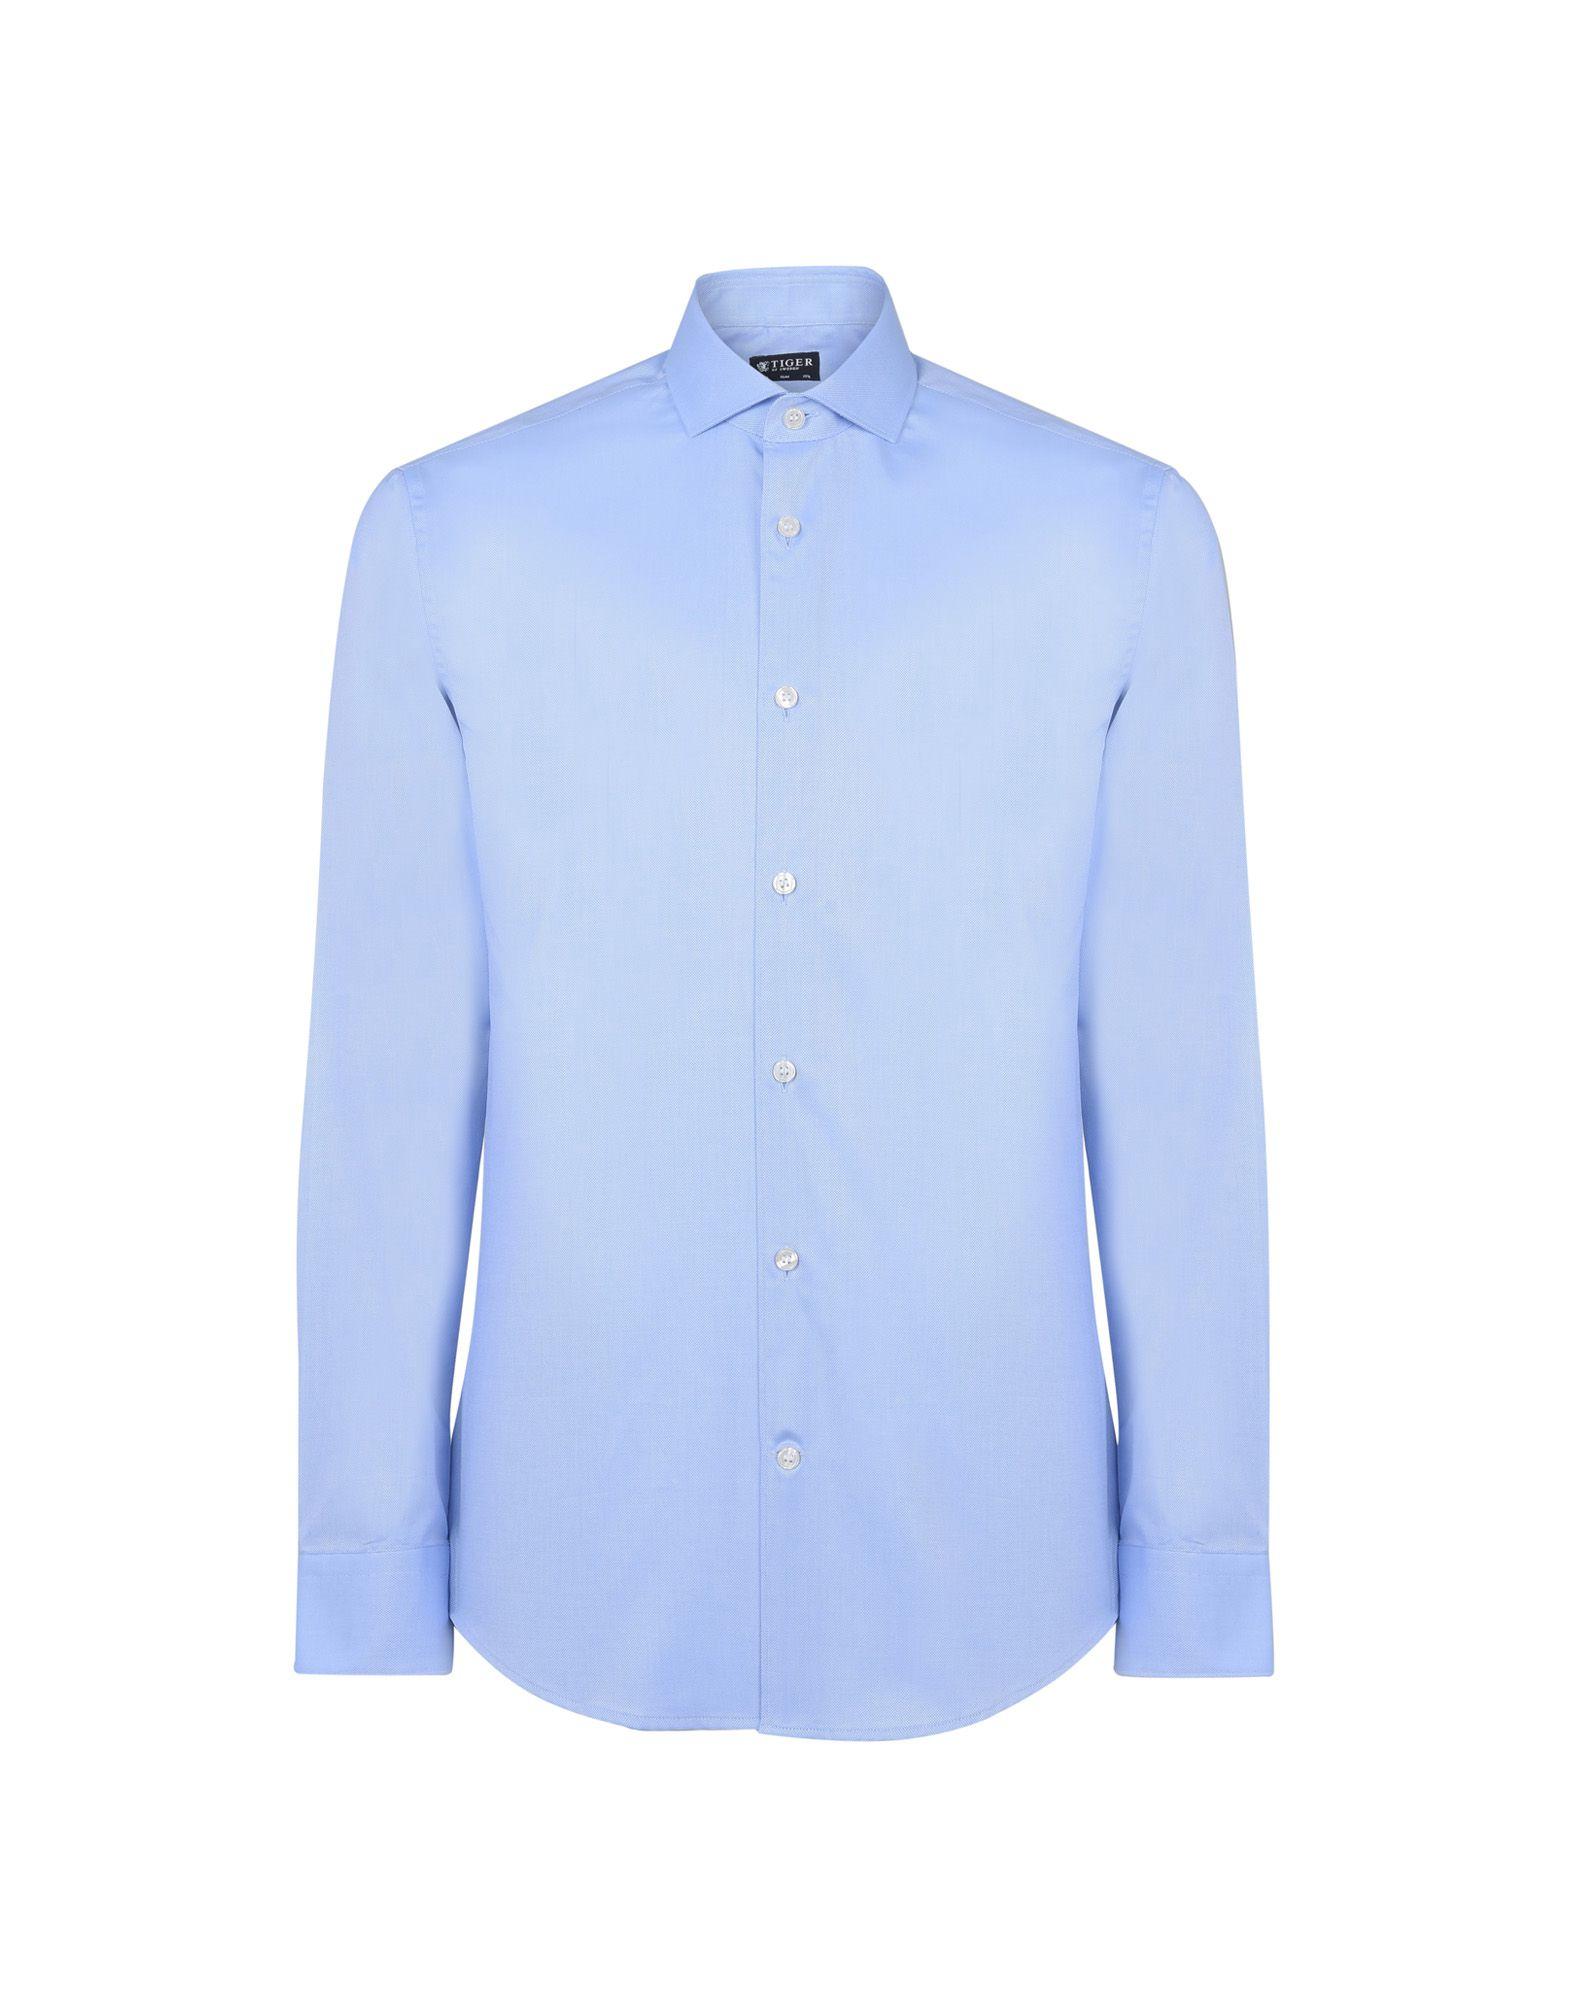 《送料無料》TIGER OF SWEDEN メンズ シャツ アジュールブルー 40 コットン 100% FARRELL 5